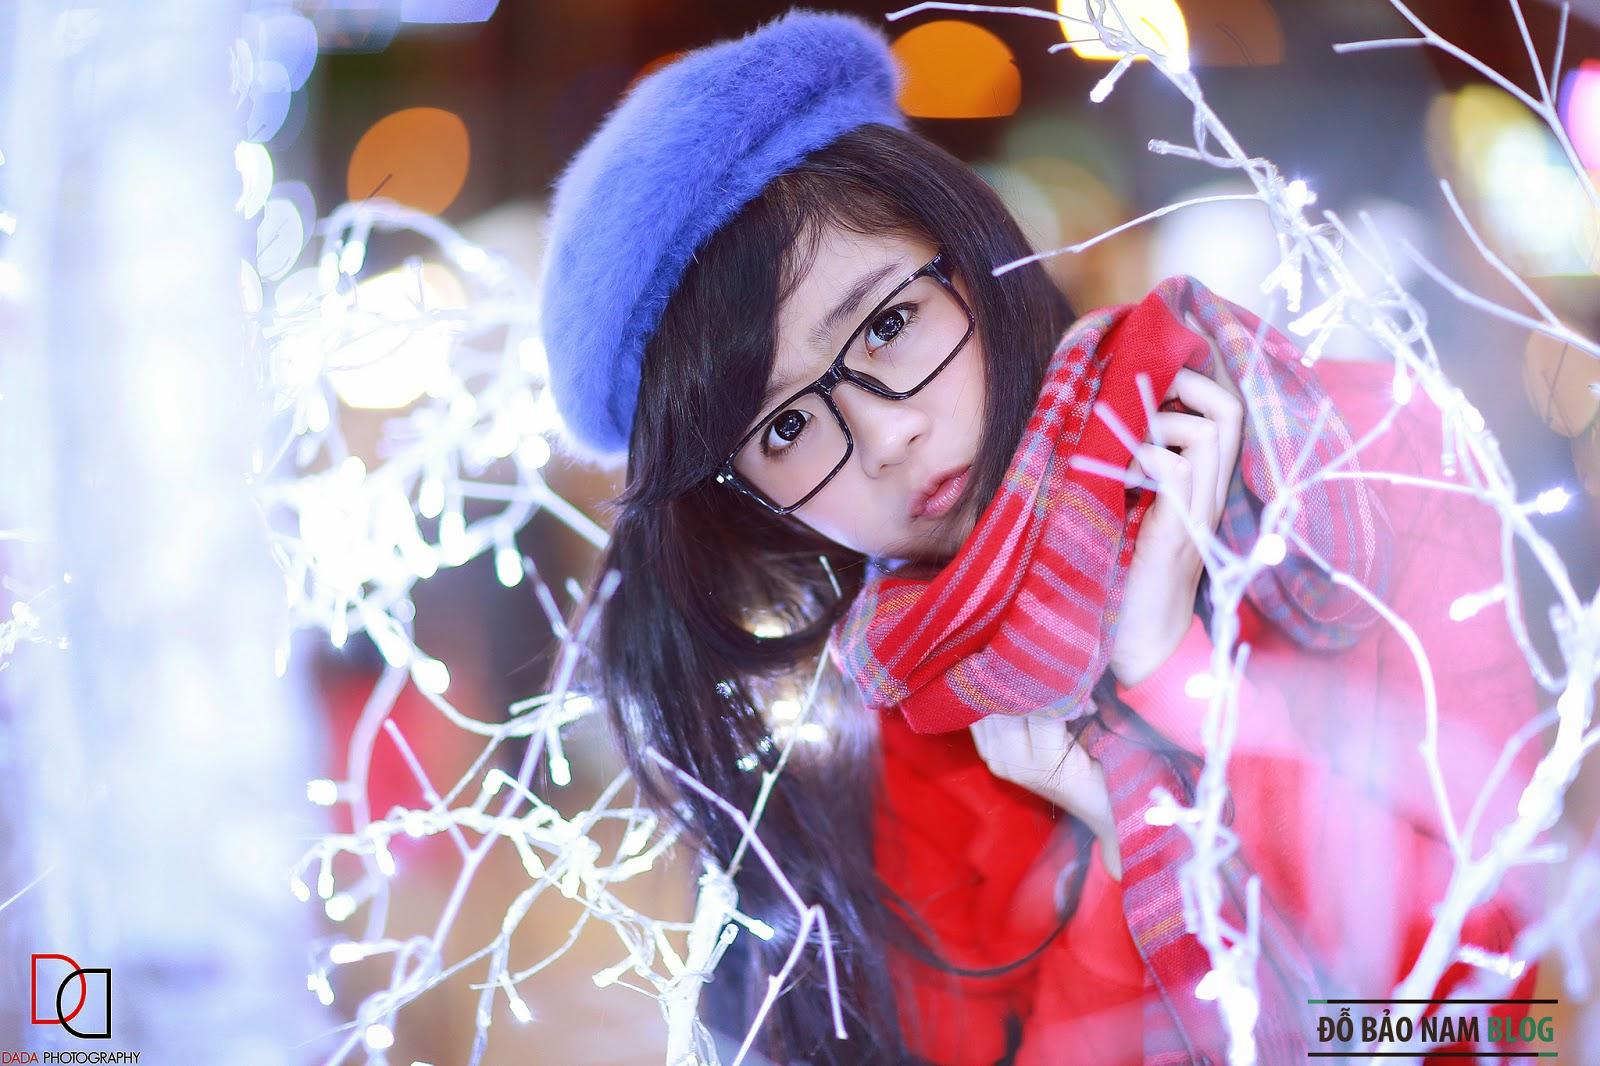 Ảnh đẹp girl xinh mới nhất 2014 được tuyển chọn 13